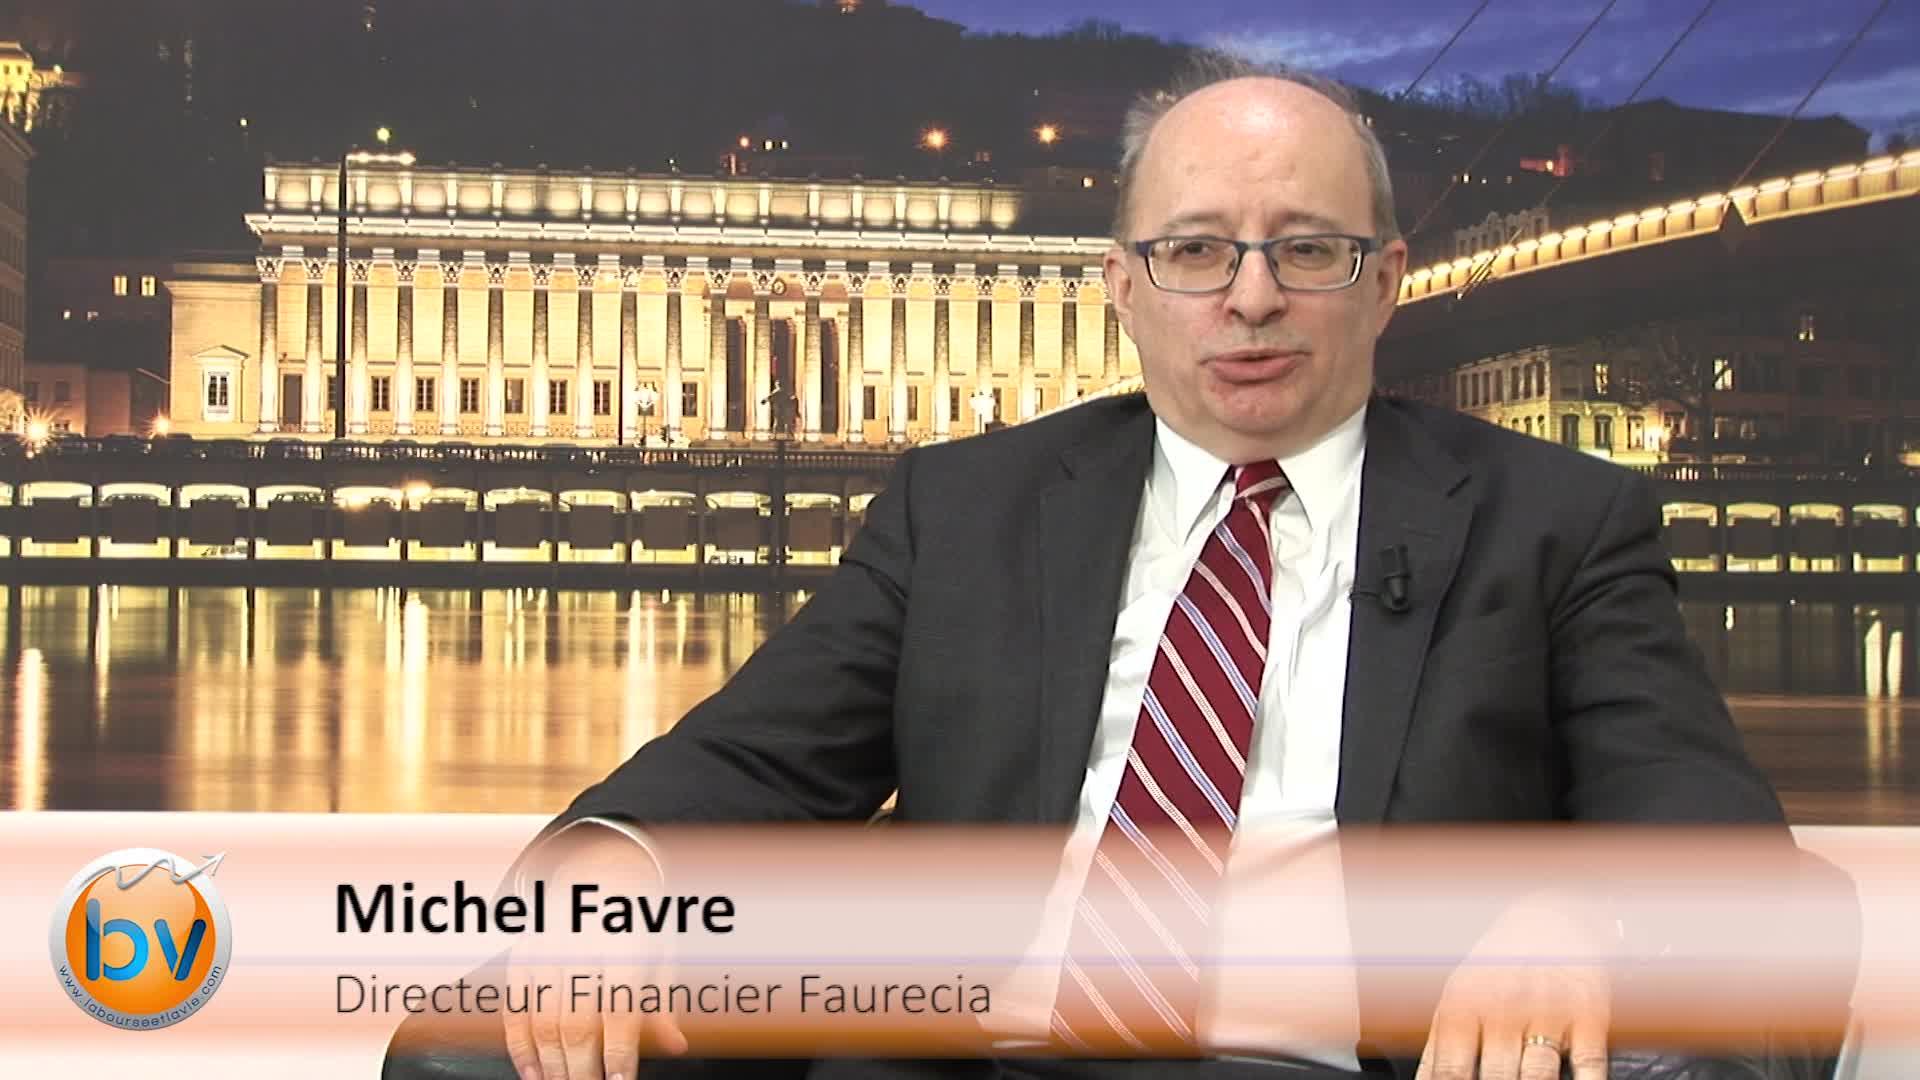 """Michel Favre Directeur Financier Faurecia : """"Nous allons pouvoir travailler sur des projets d'acquisition"""""""